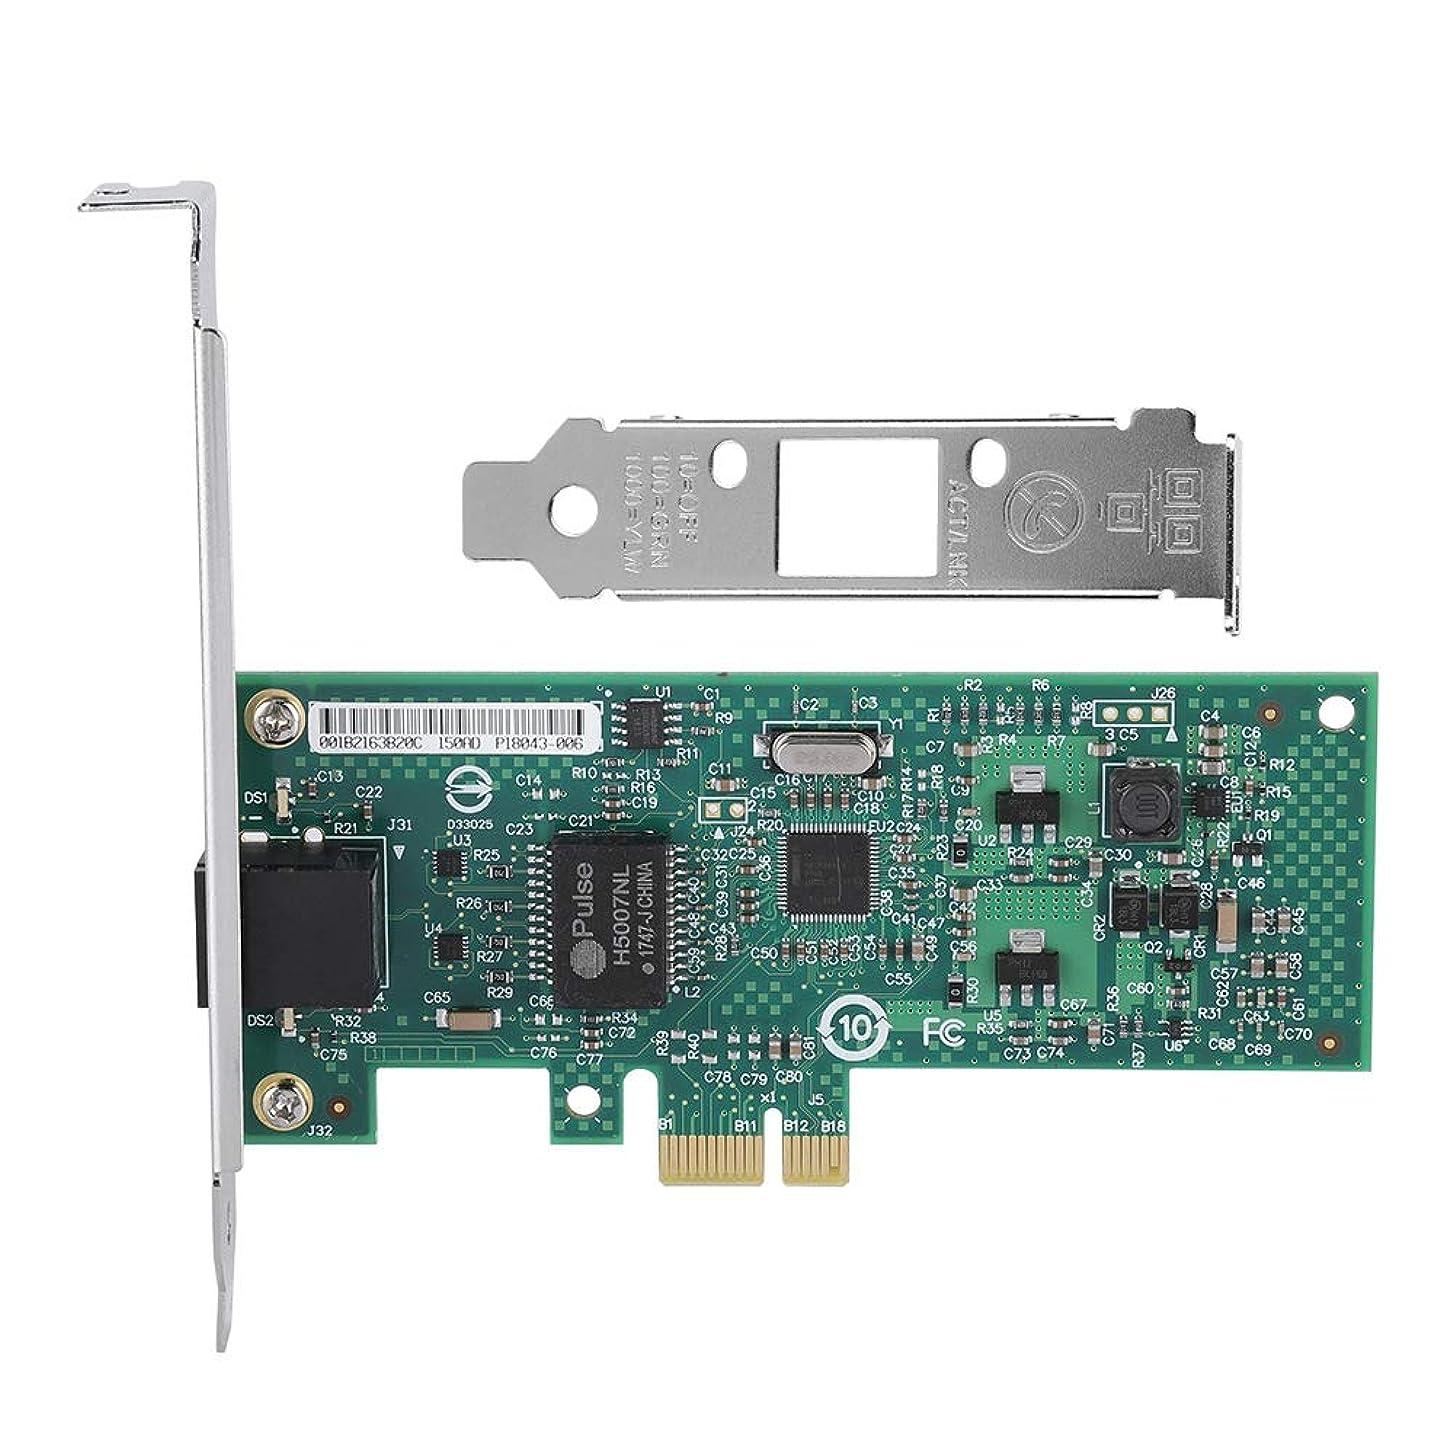 ソケット登場によってFosa INTEL 82574LギガビットPCI-eネットワークアダプタカード デスクトップ1000Mbps NIC LEDインジケータ用